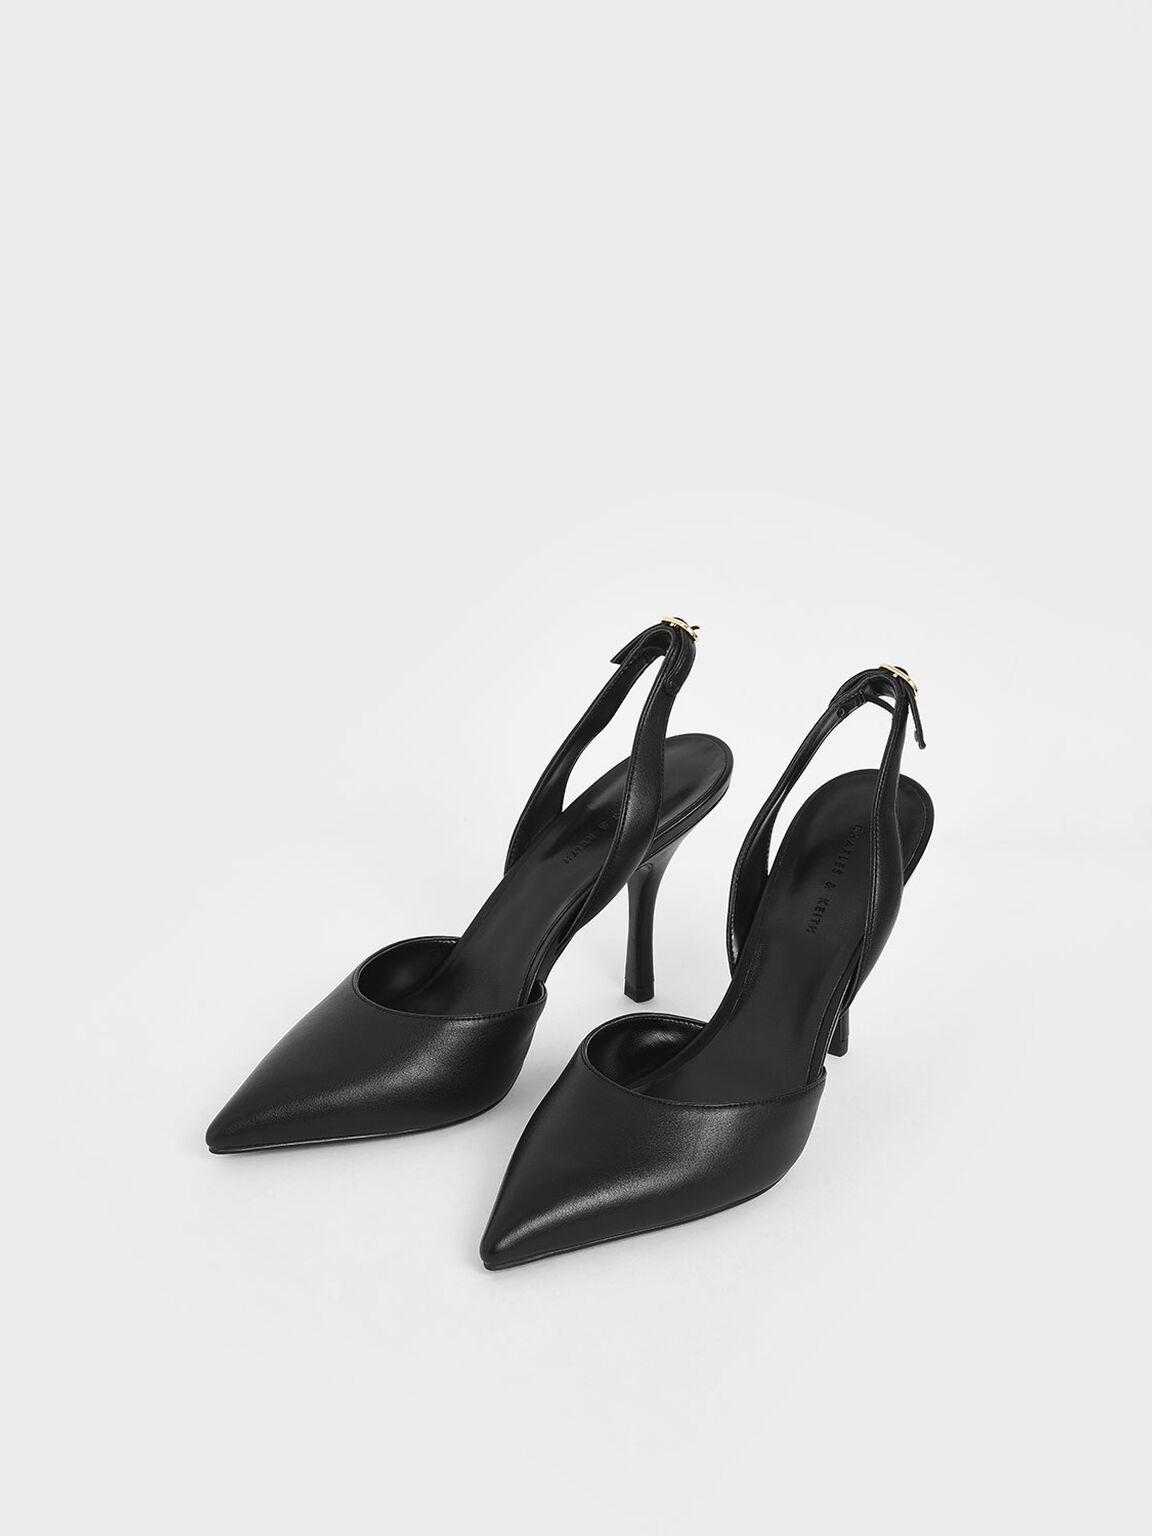 D'Orsay Slingback Pumps, Black, hi-res